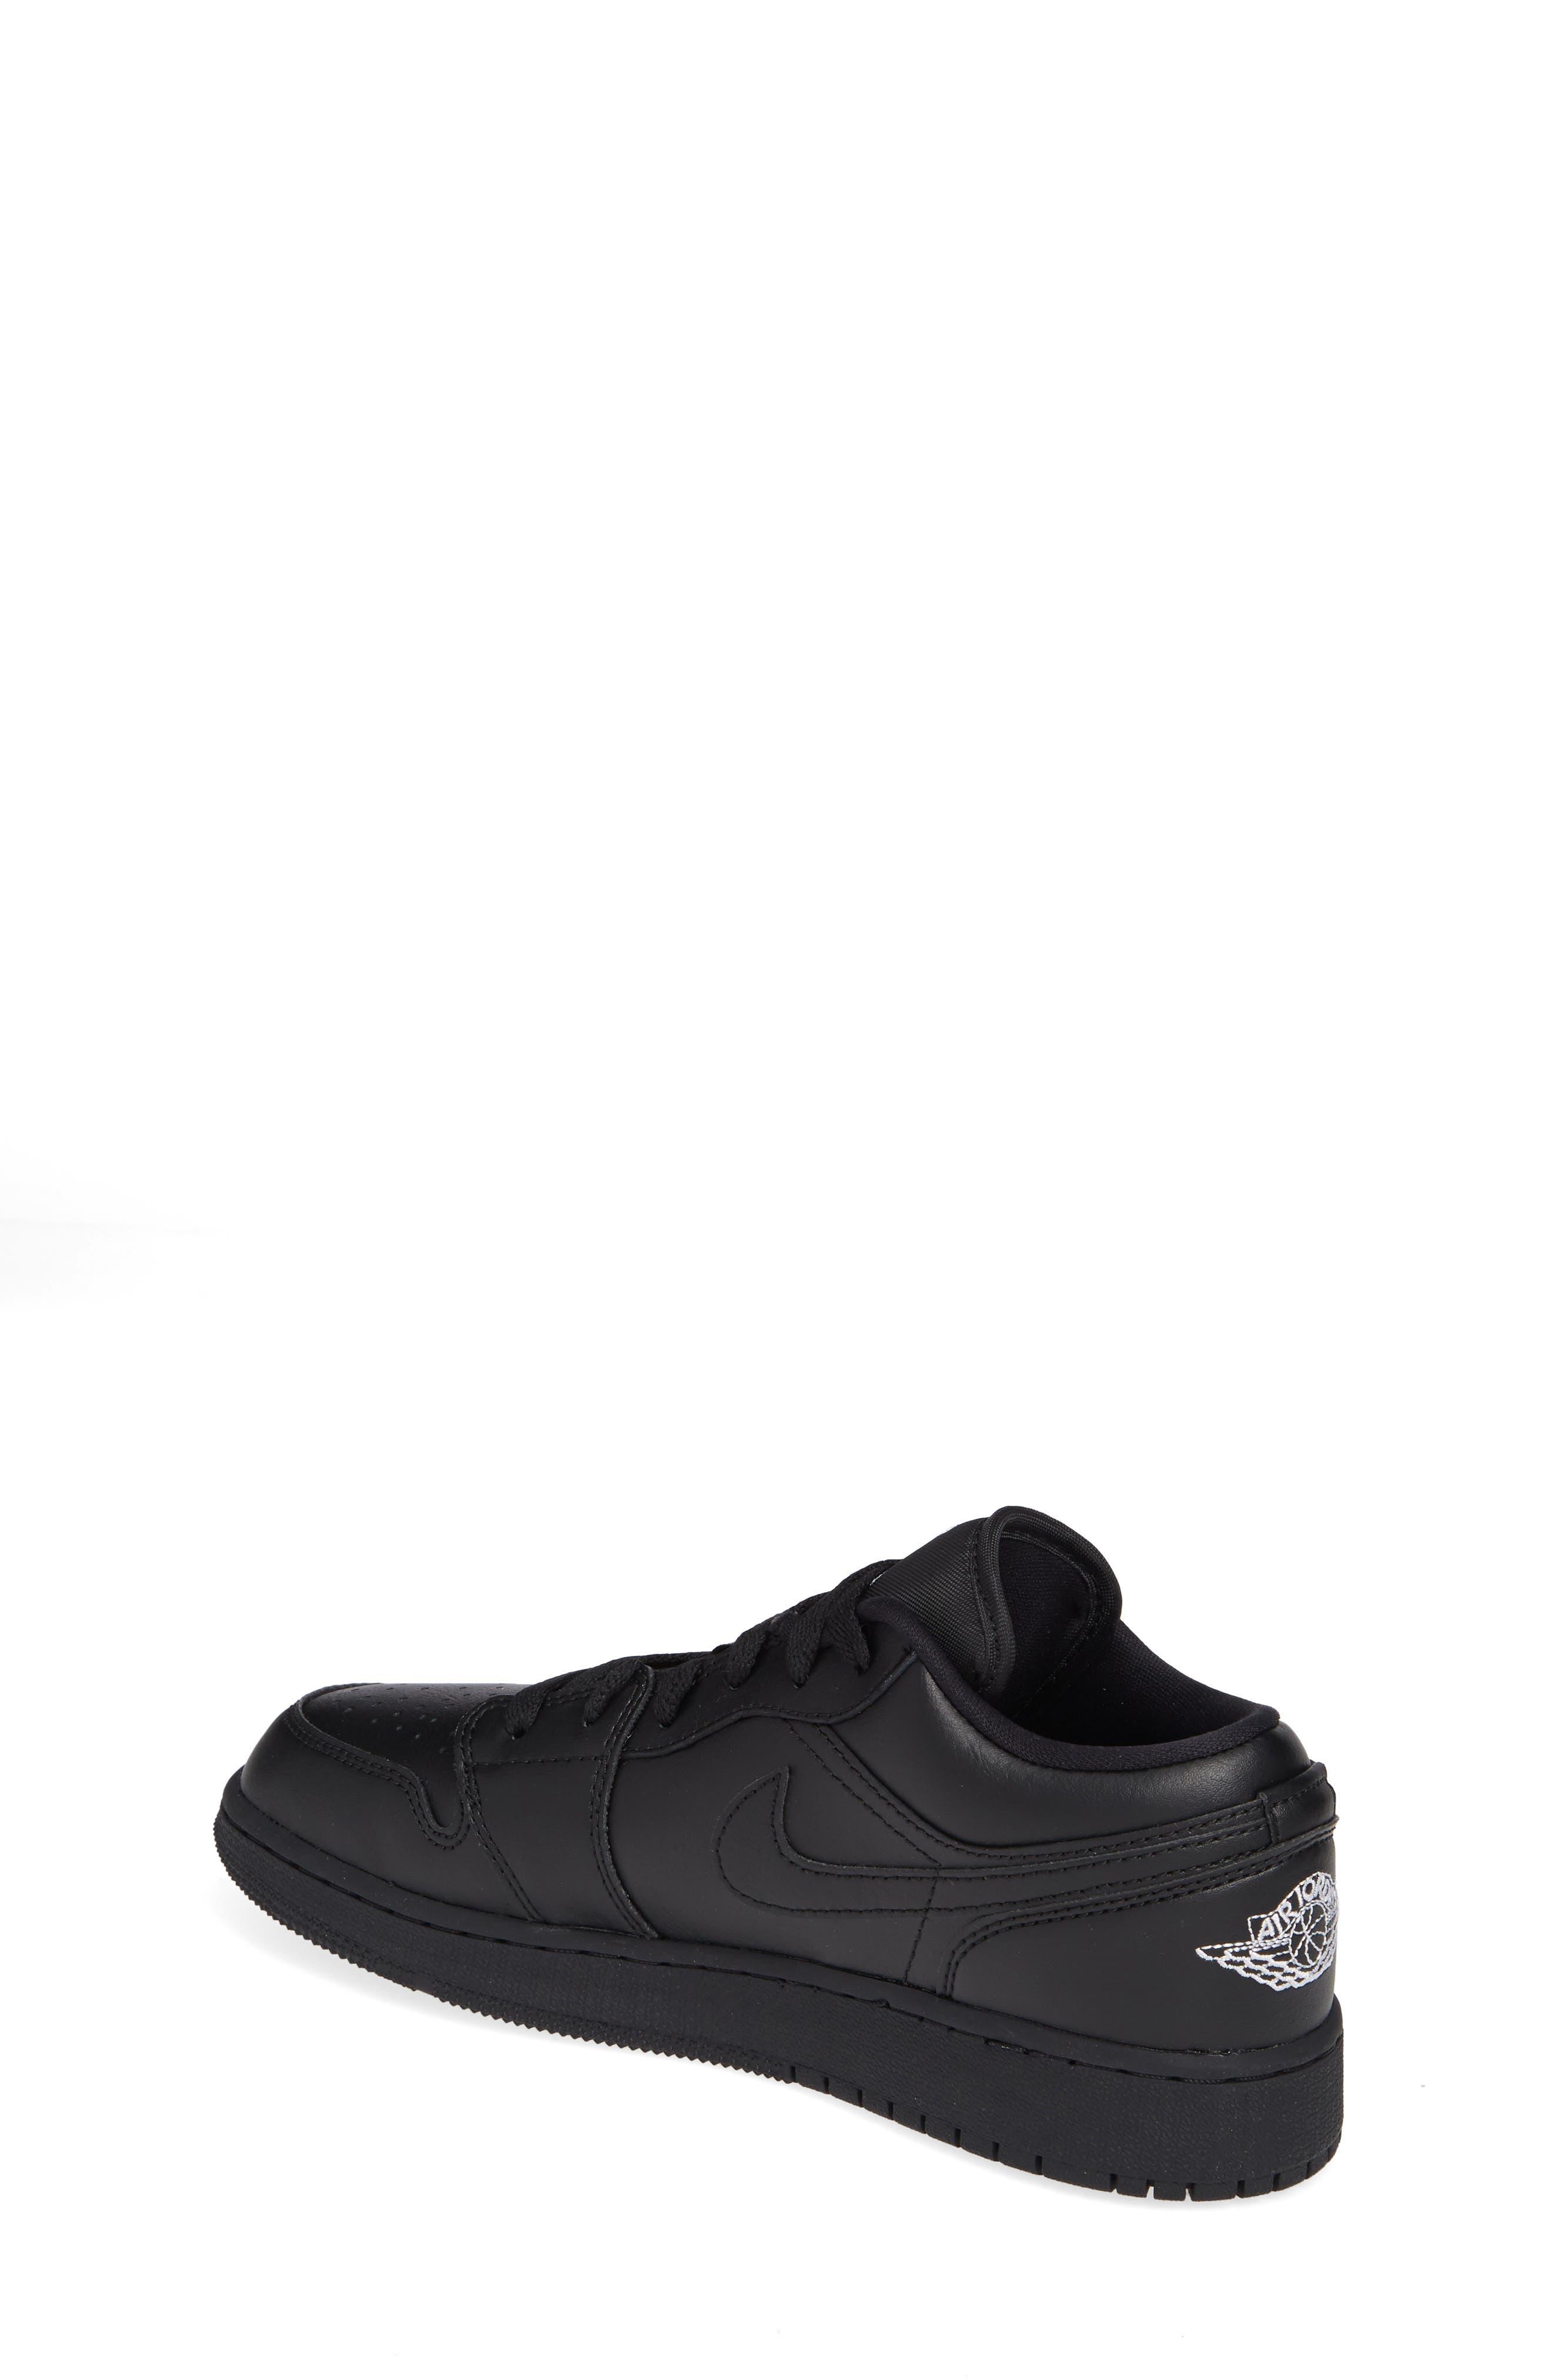 JORDAN, Nike 'Air Jordan 1 Low' Sneaker, Alternate thumbnail 2, color, BLACK/ WHITE/ BLACK